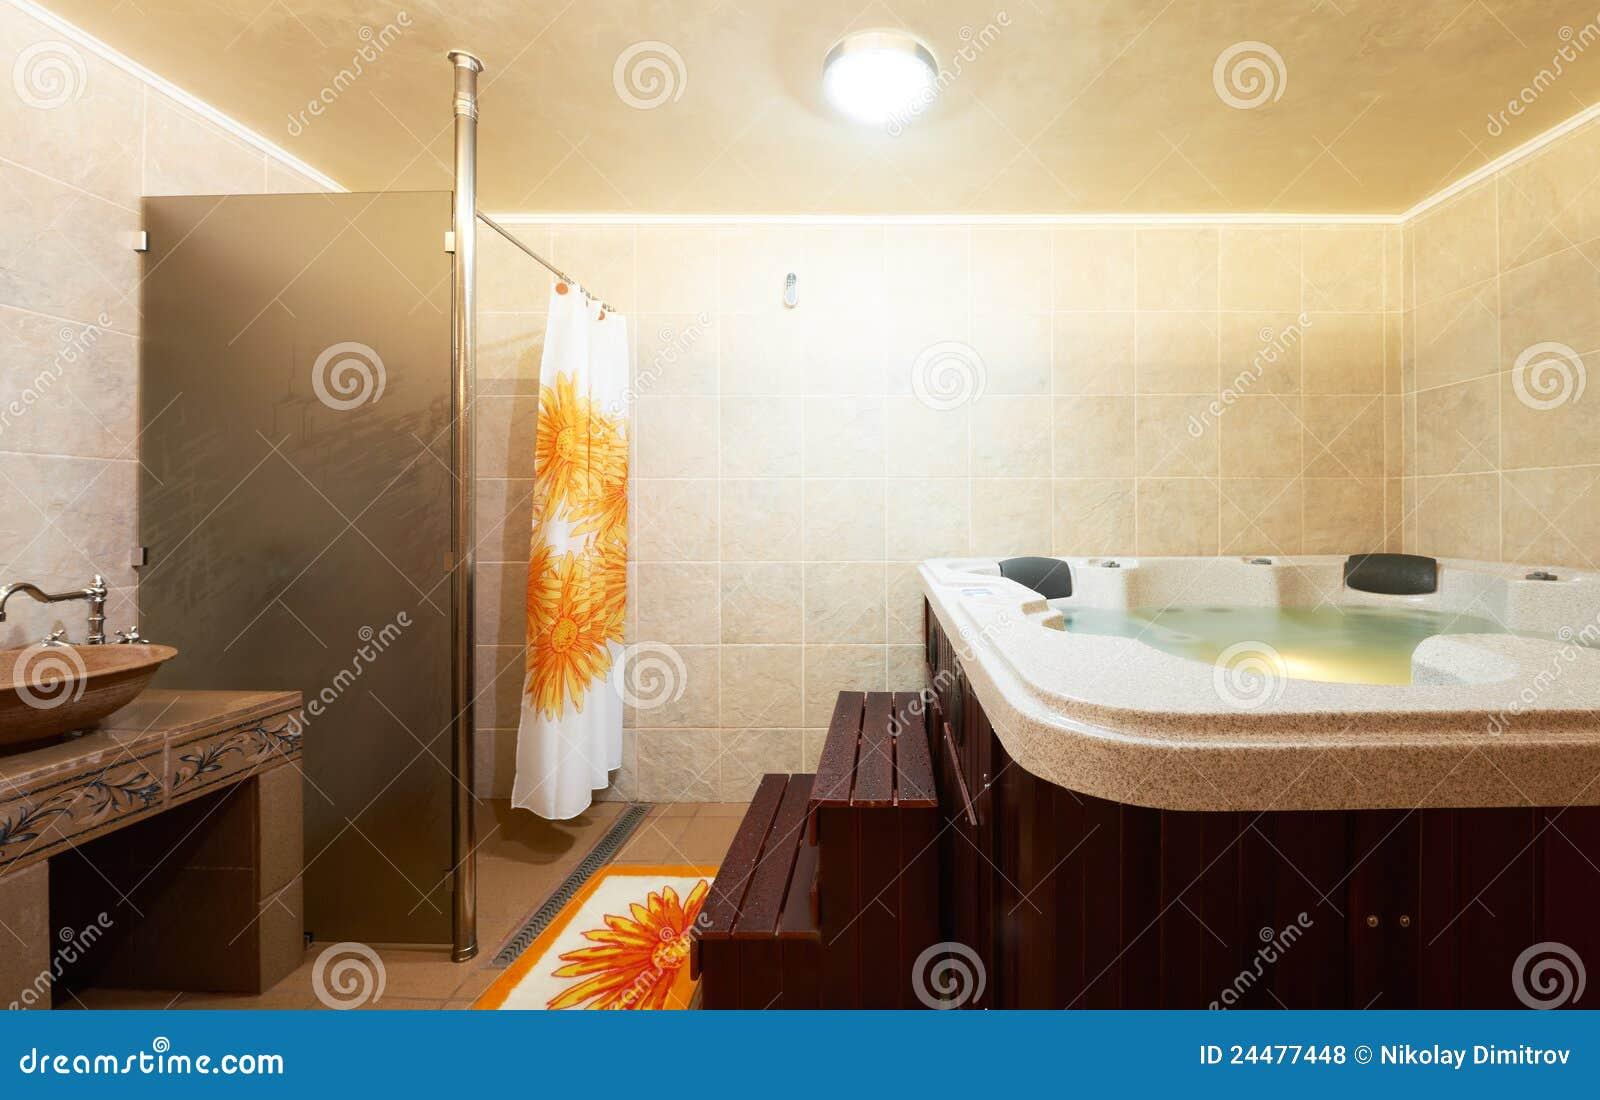 Stanza Da Bagno Moderna Con La Jacuzzi Fotografie Stock Libere da Diritti - Immagine: 24477448